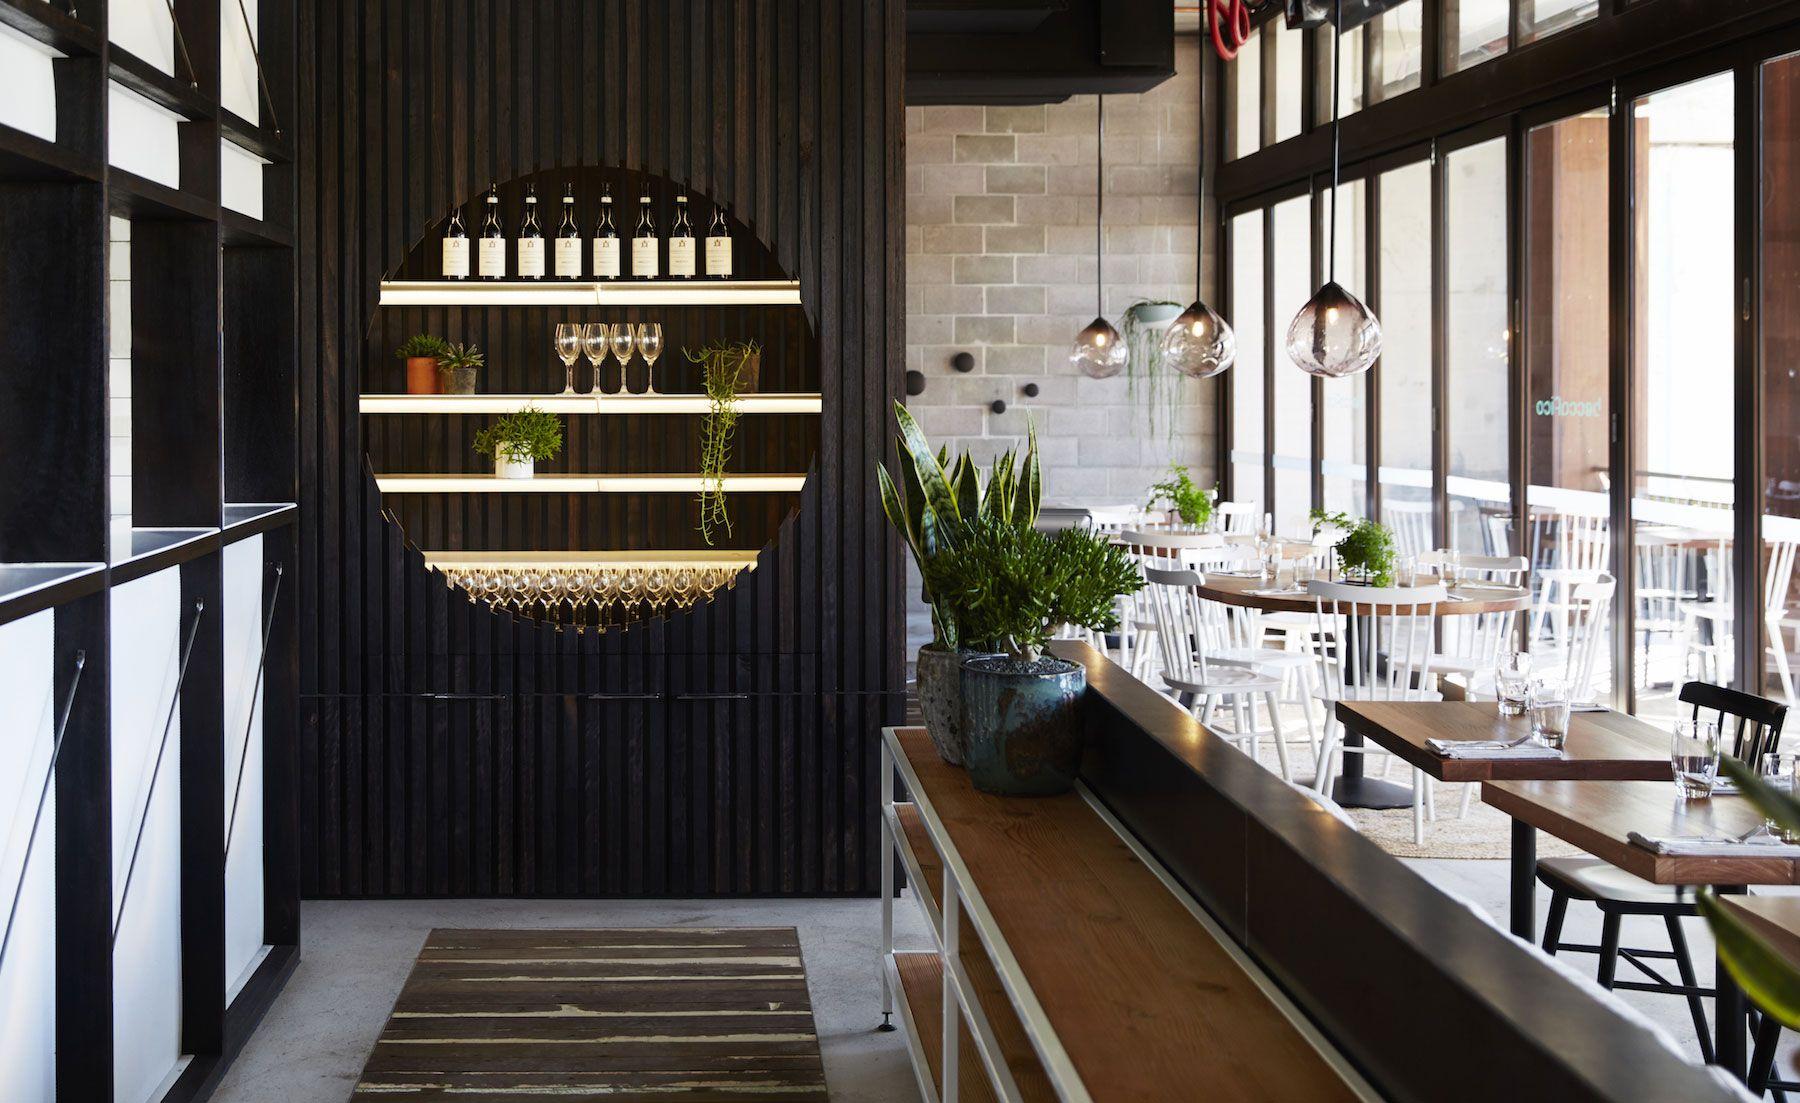 Beccafico Bar u0026 Trattoria restaurant review